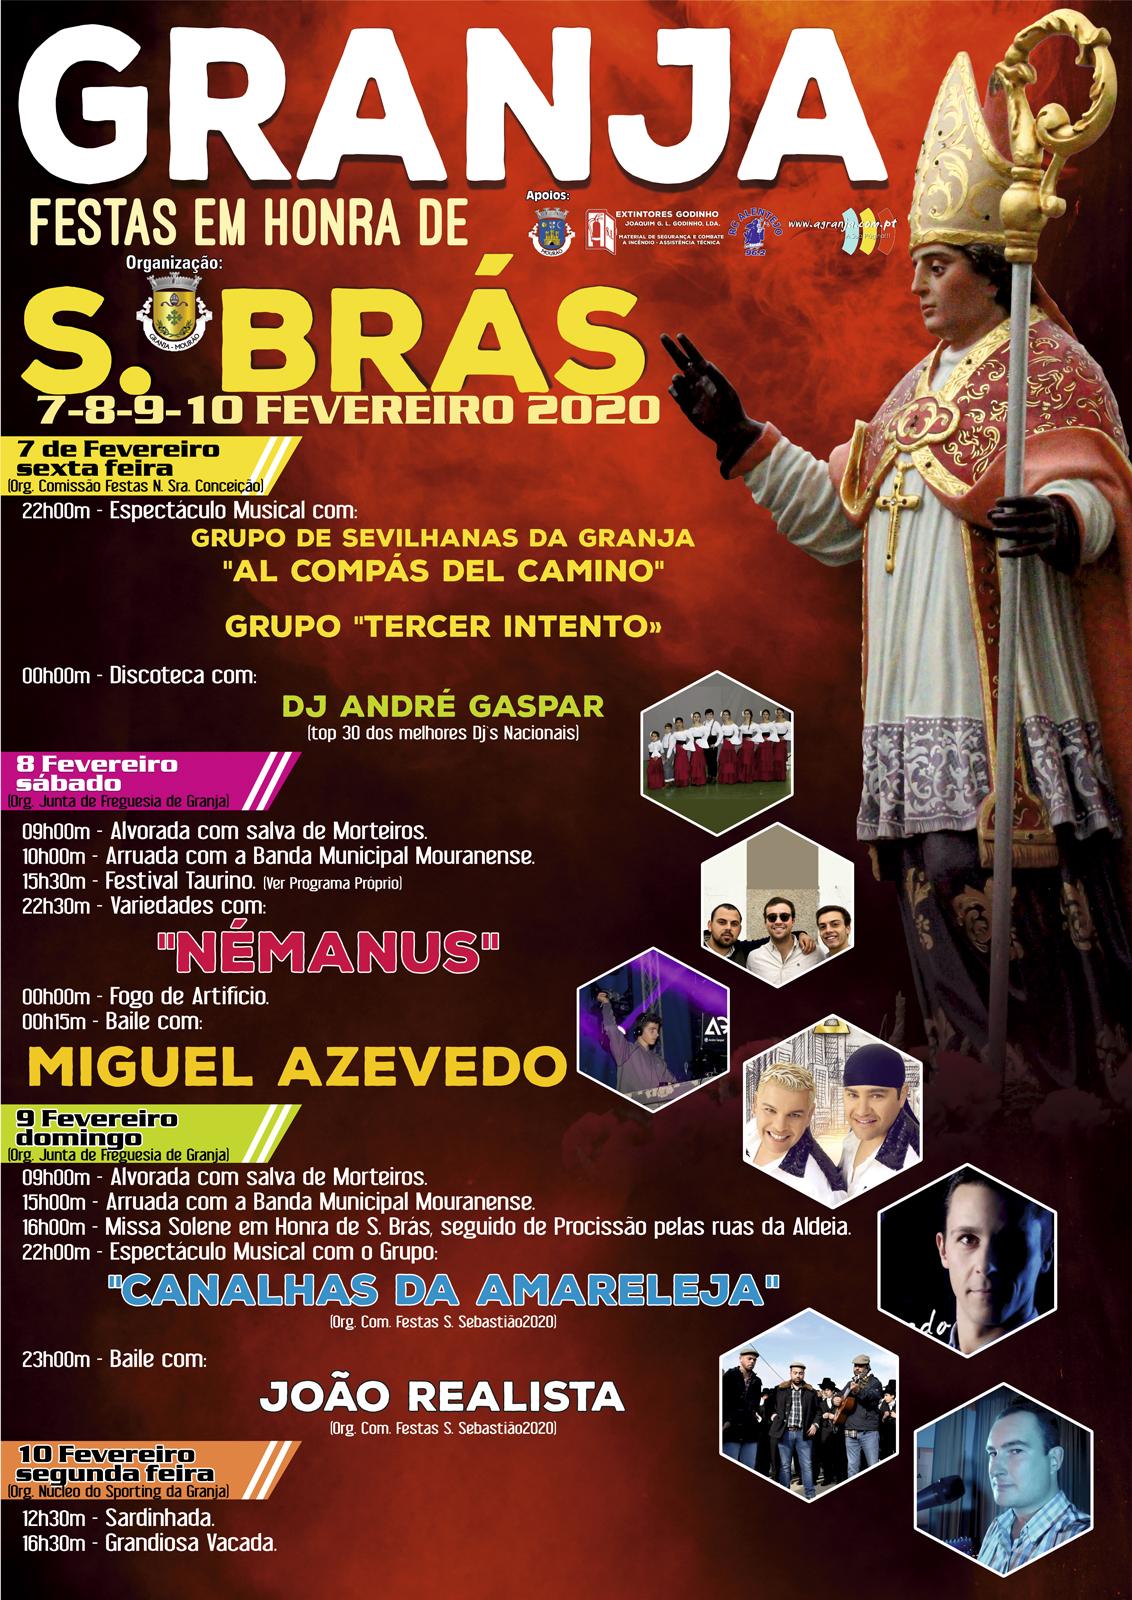 Granja---S-Bras-2020.jpg